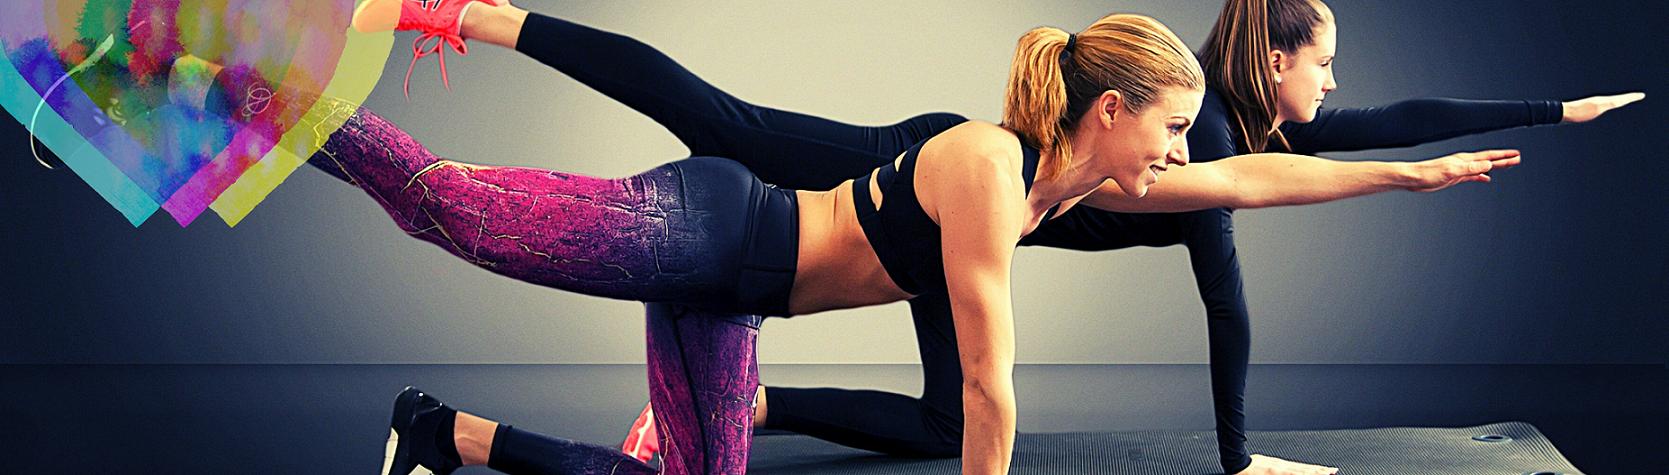 Mallas Deporte para Mujer Amazon Fitness. Leggins Deportivos Mujer en Colores del Arcoíris.